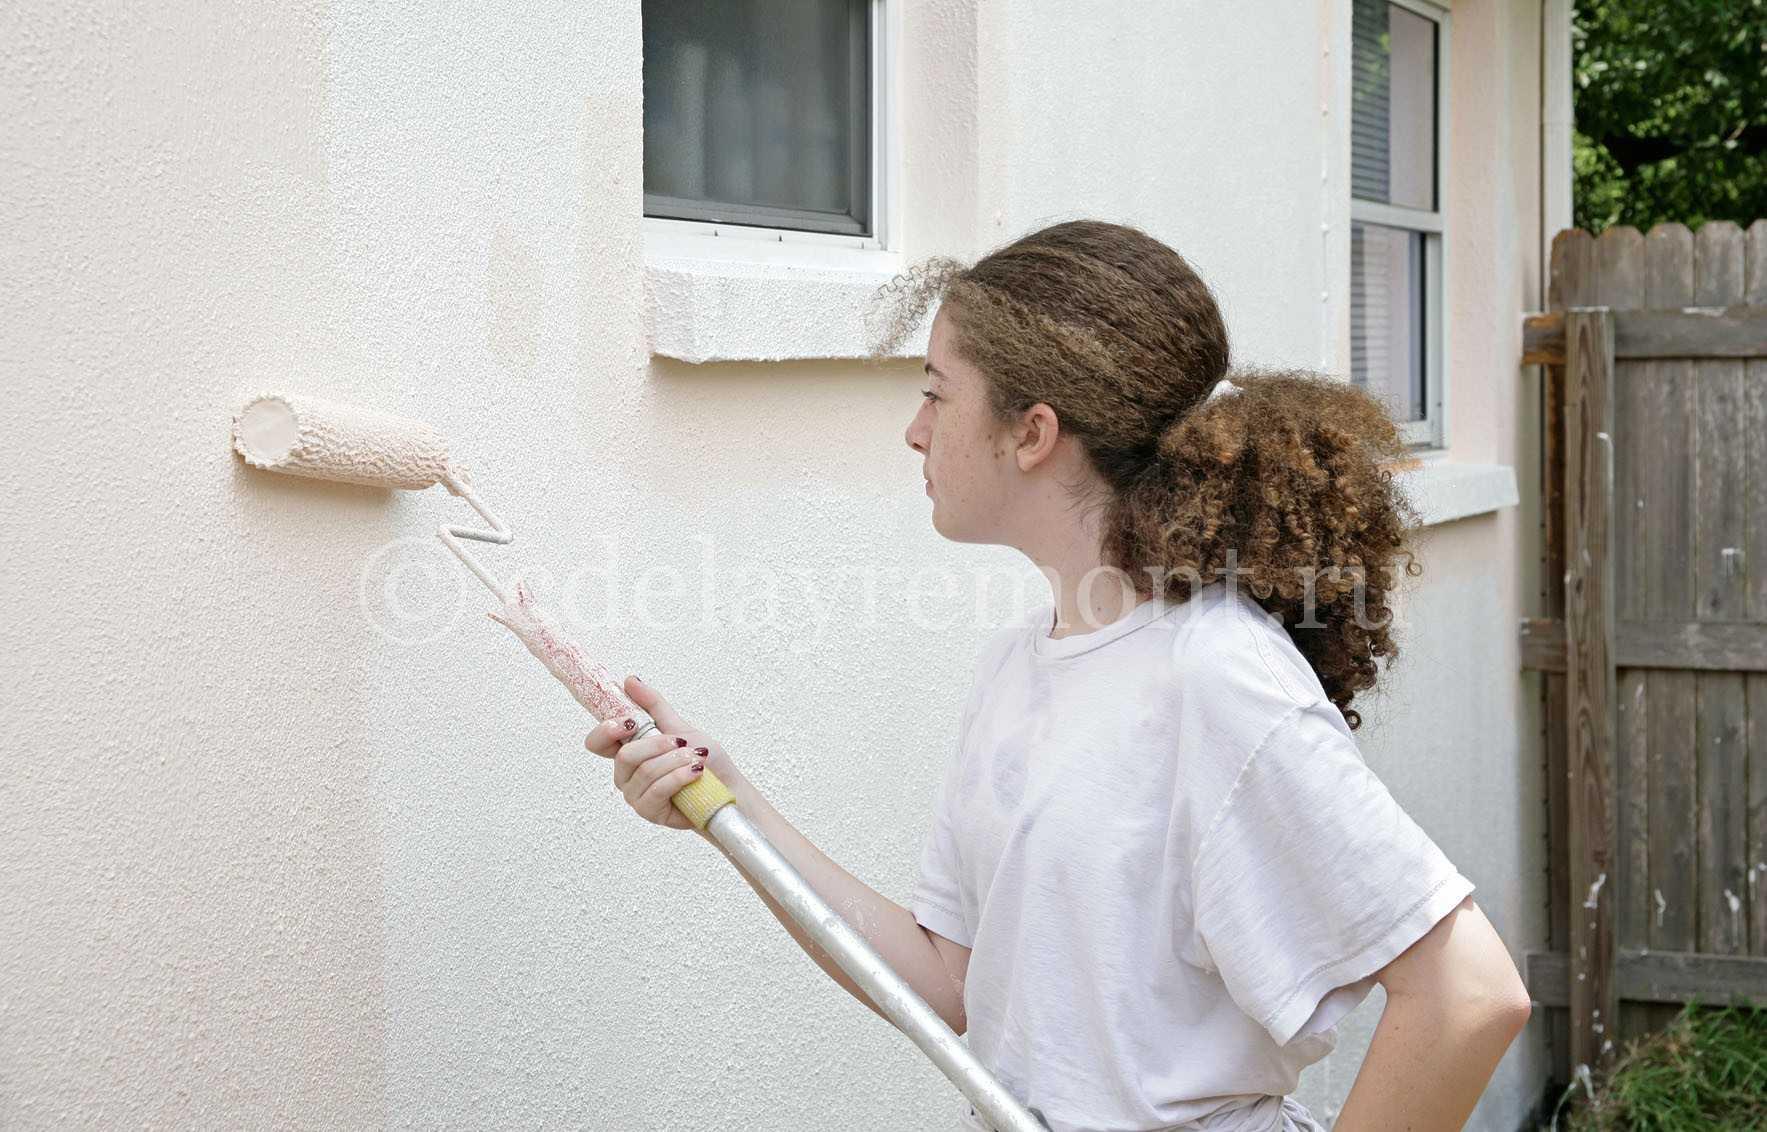 Штукатурка шуба на доме: как сделать своими руками (фото, видео)